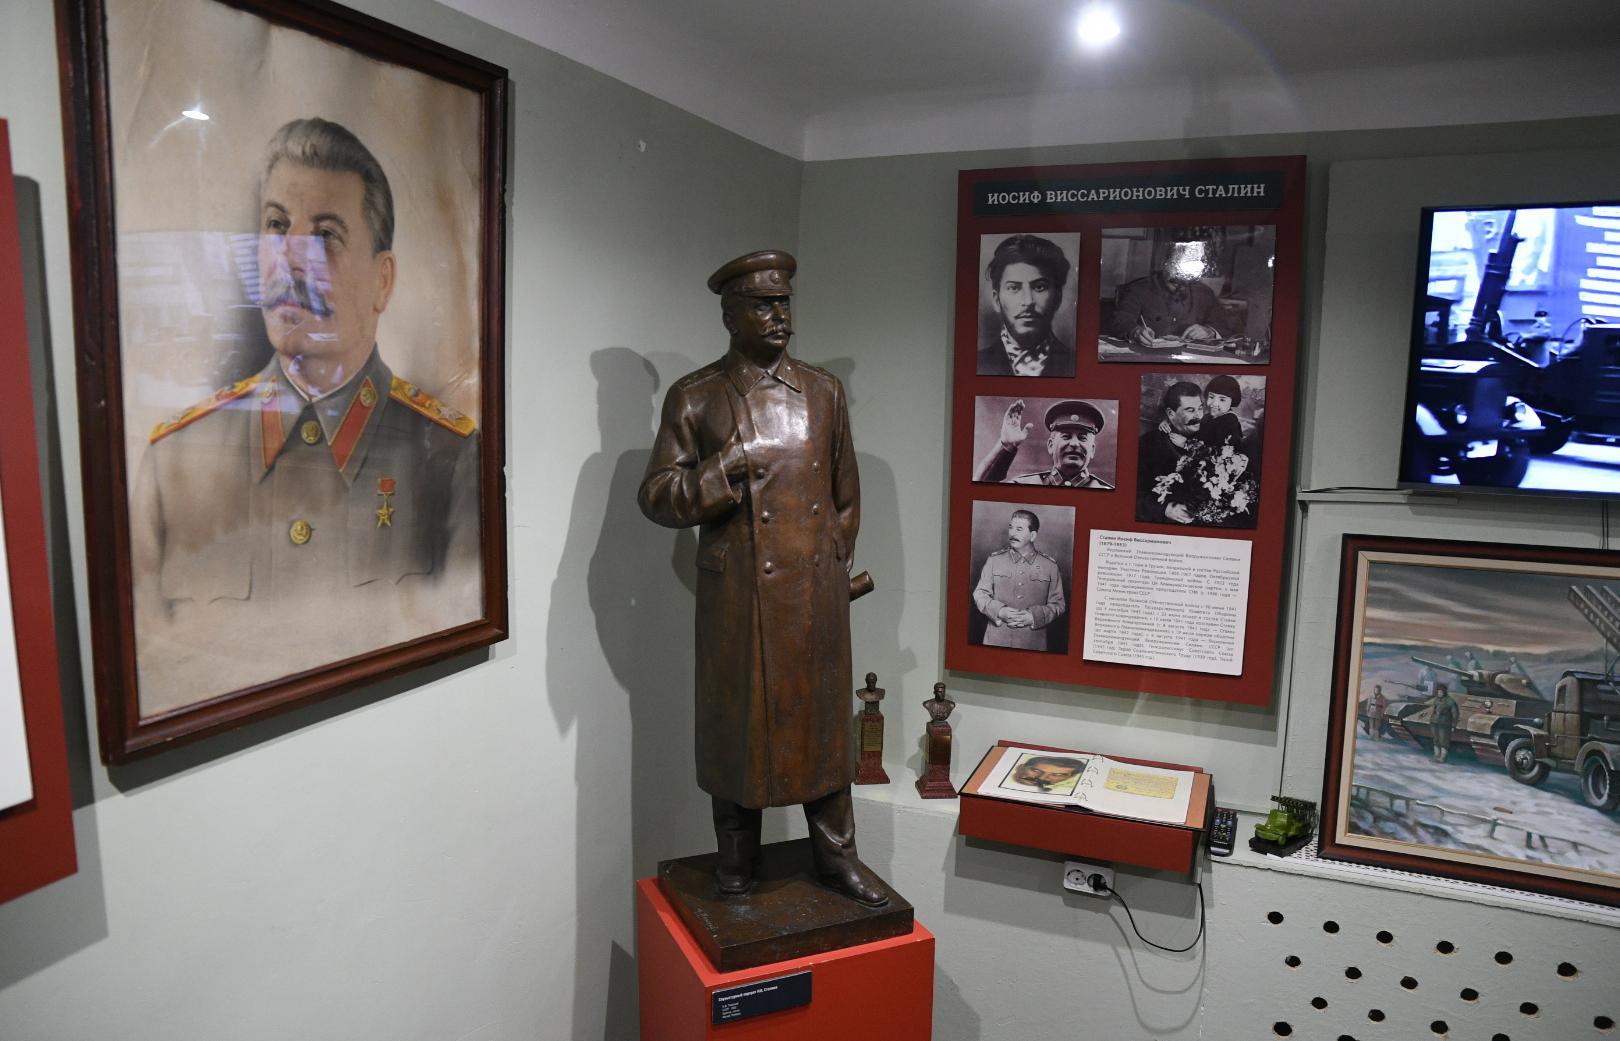 Высокопоставленные гости Ржева посетили Музей Сталина  - новости Афанасий